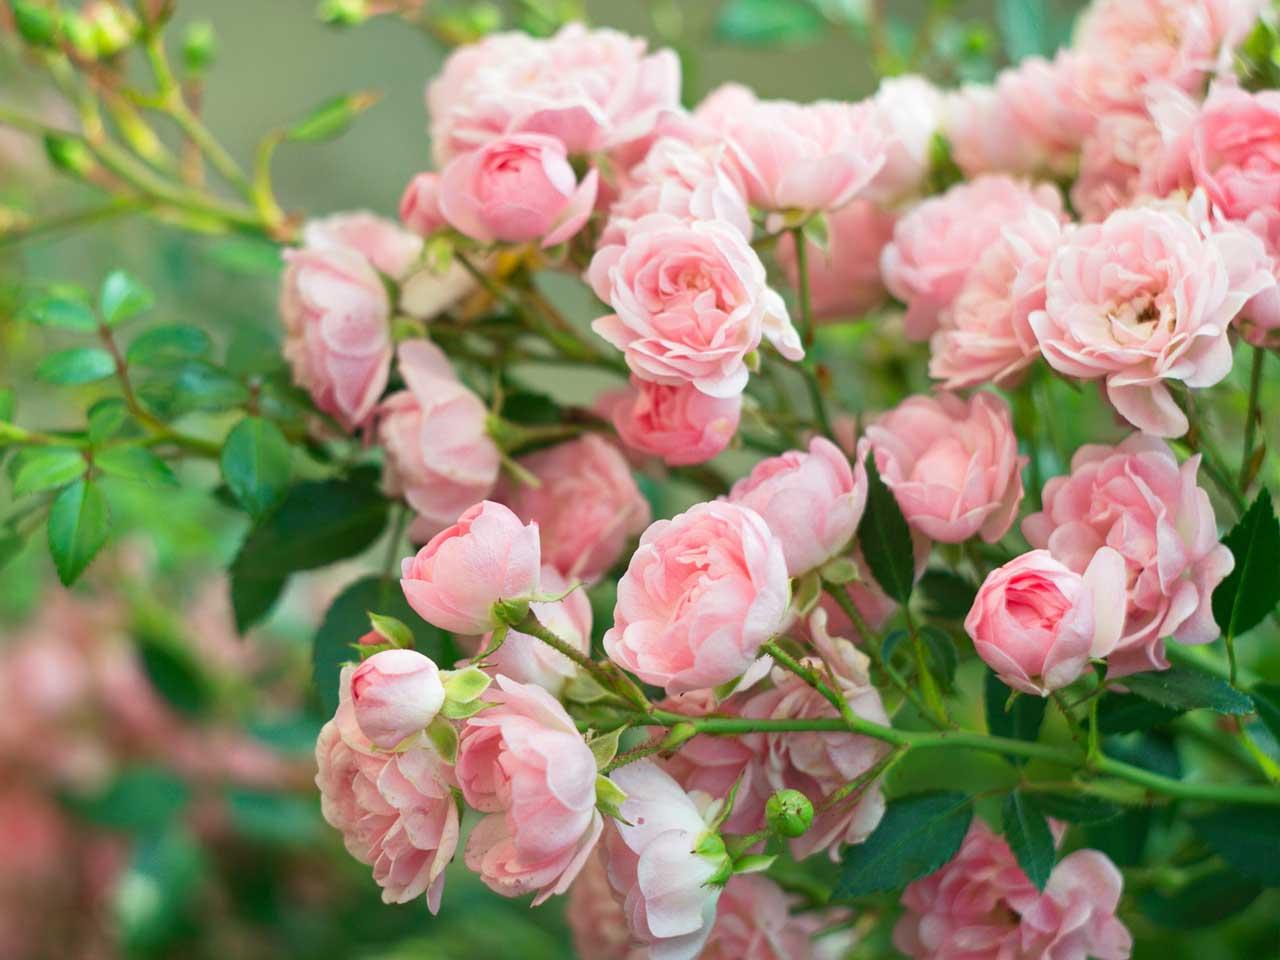 Садовые розы – настоящее украшение цветников и розариев